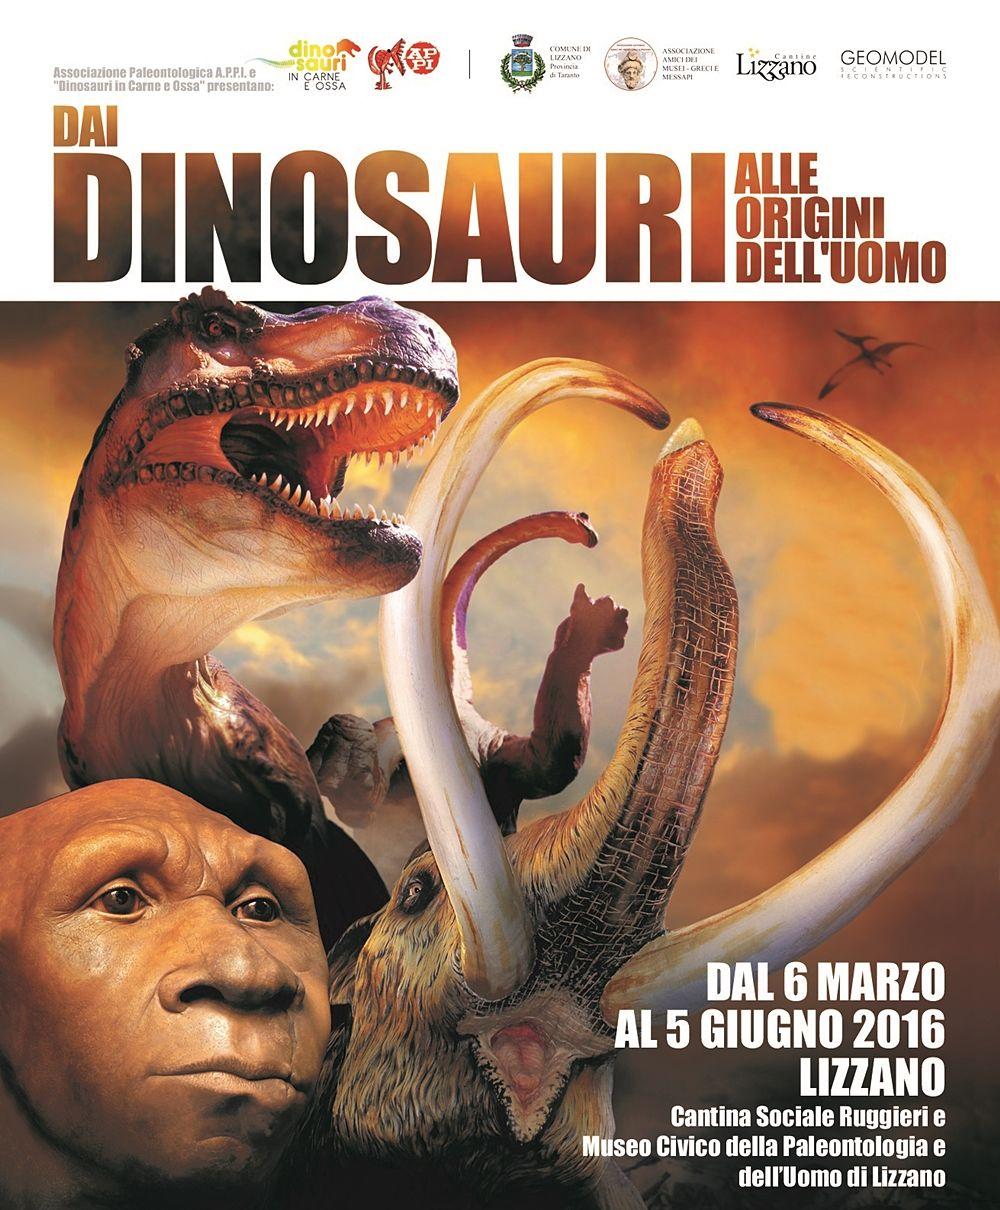 Dai dinosauri alle origini dell'uomo (Lizzano, 6 marzo - 5 giugno 2016)